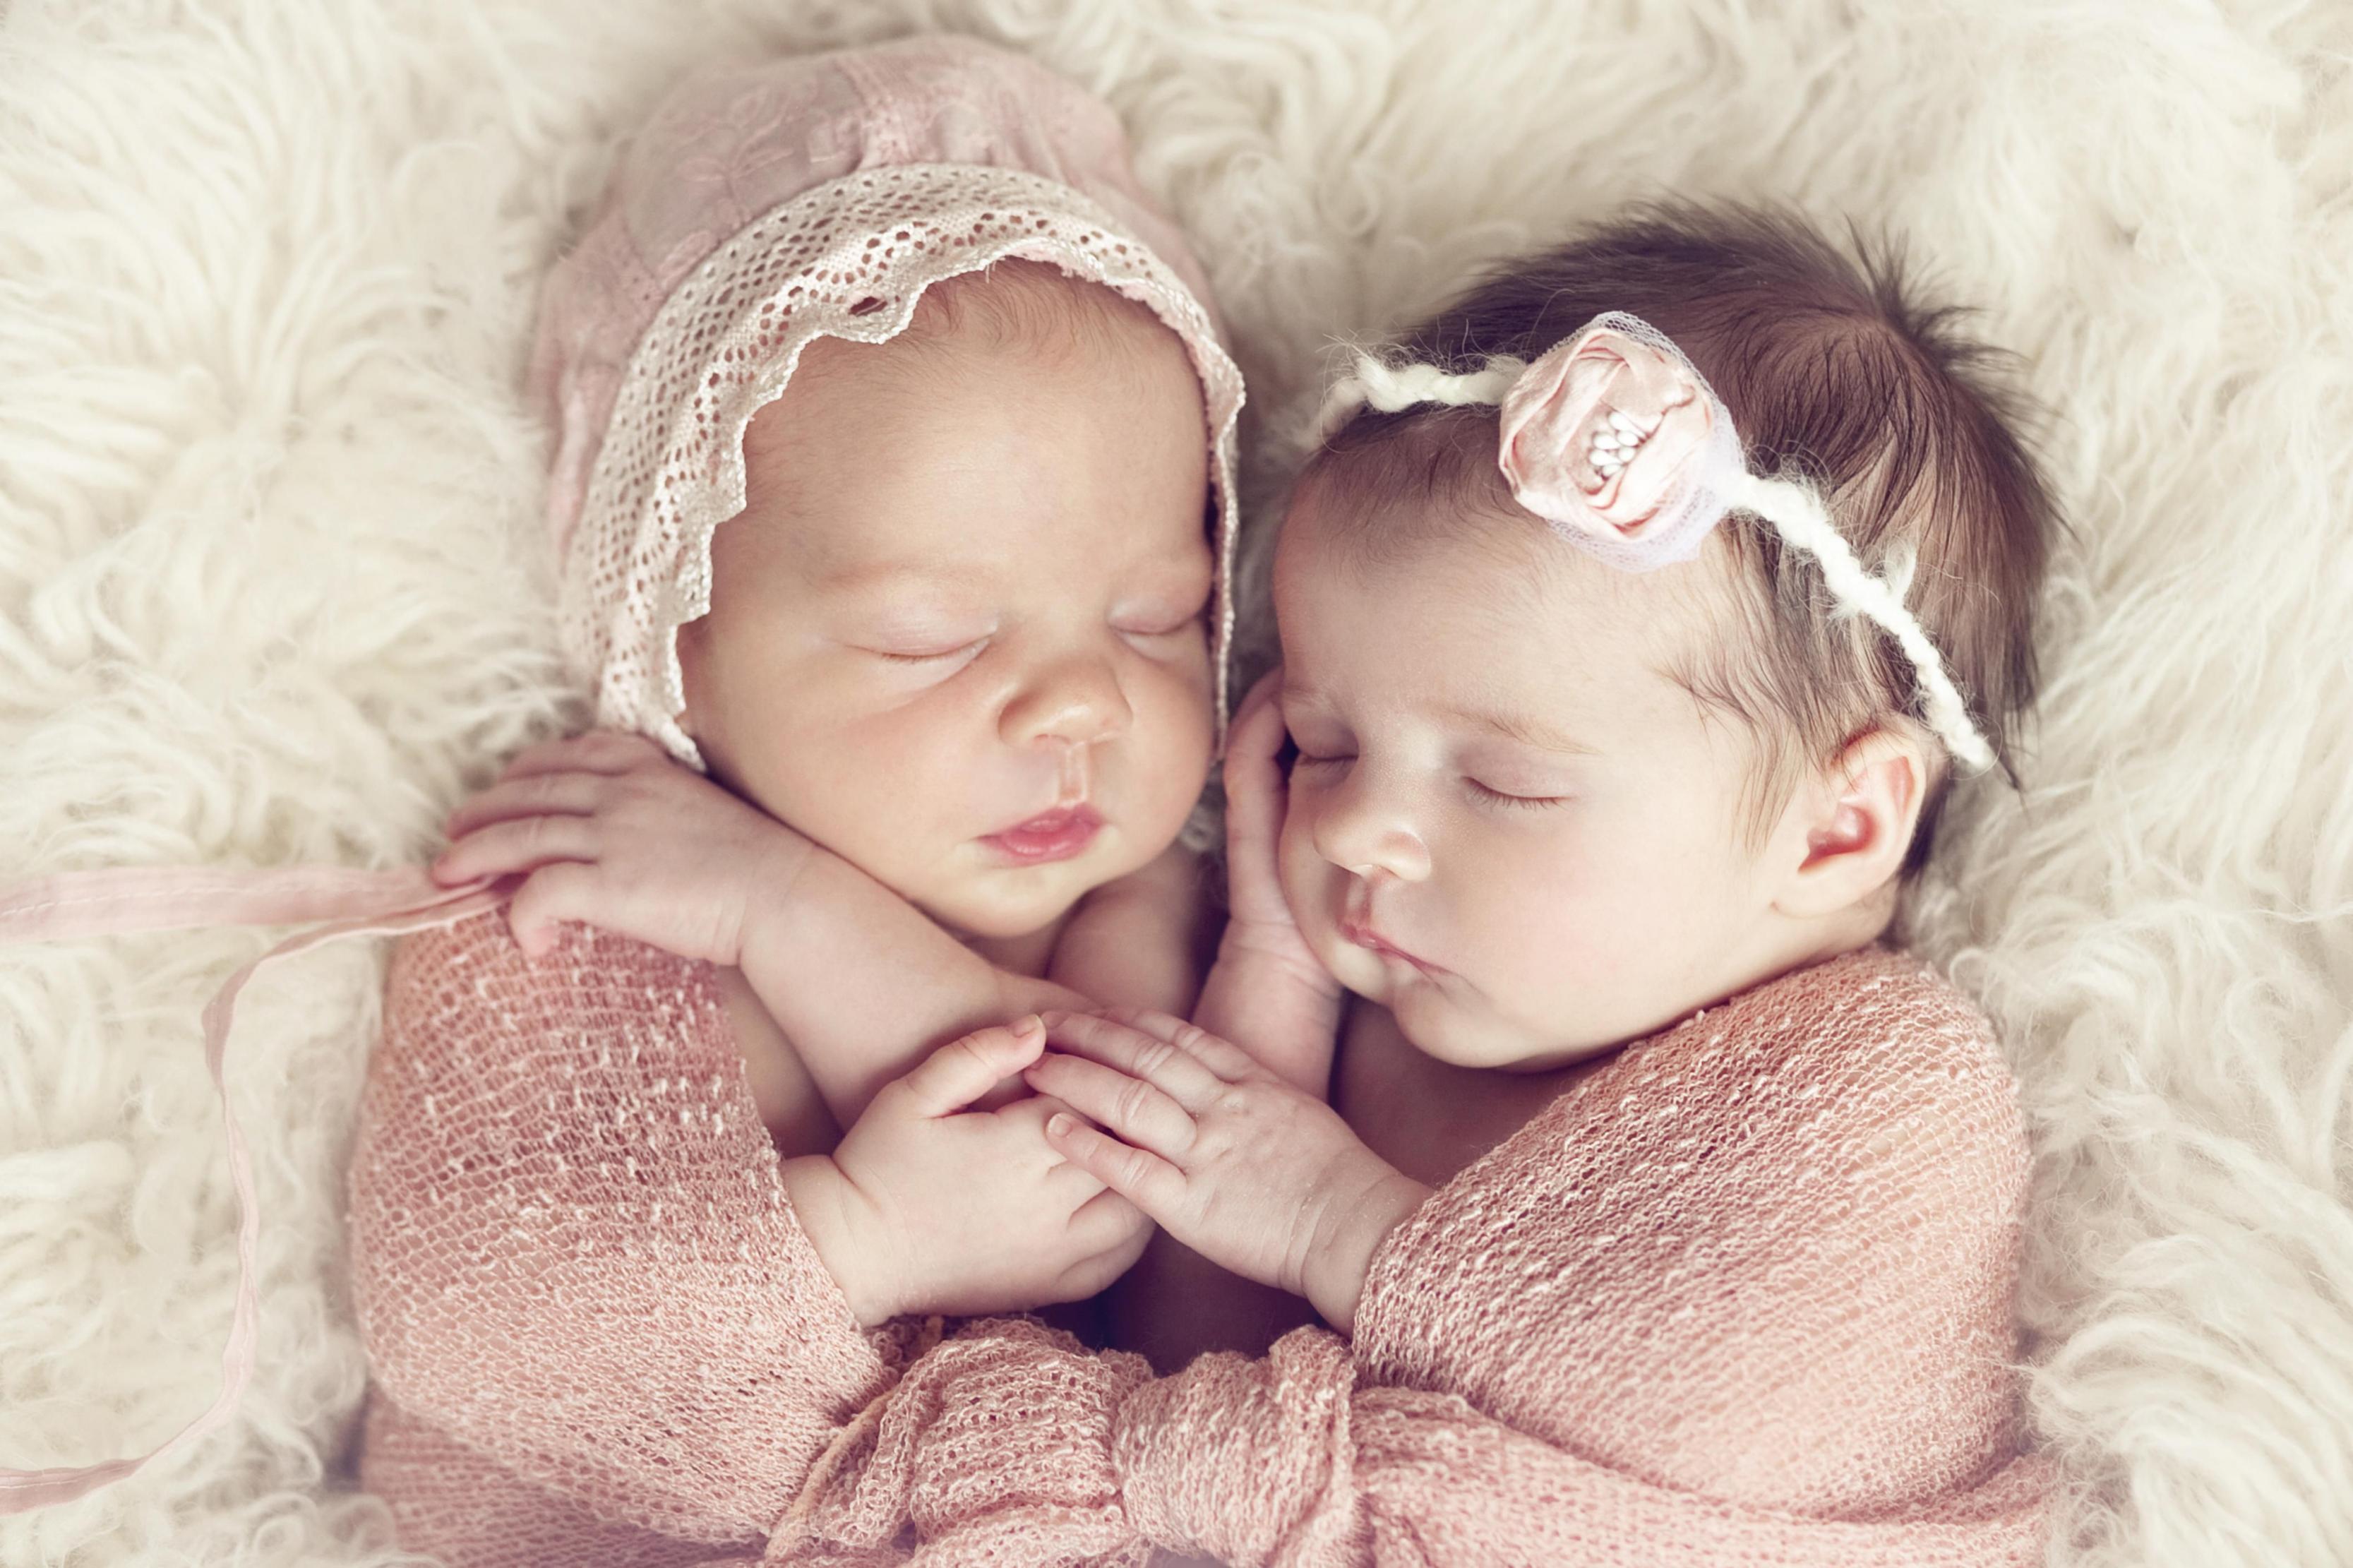 بالصور بنات اطفال , الاطفال وجمال البنت الصغيره 5418 9